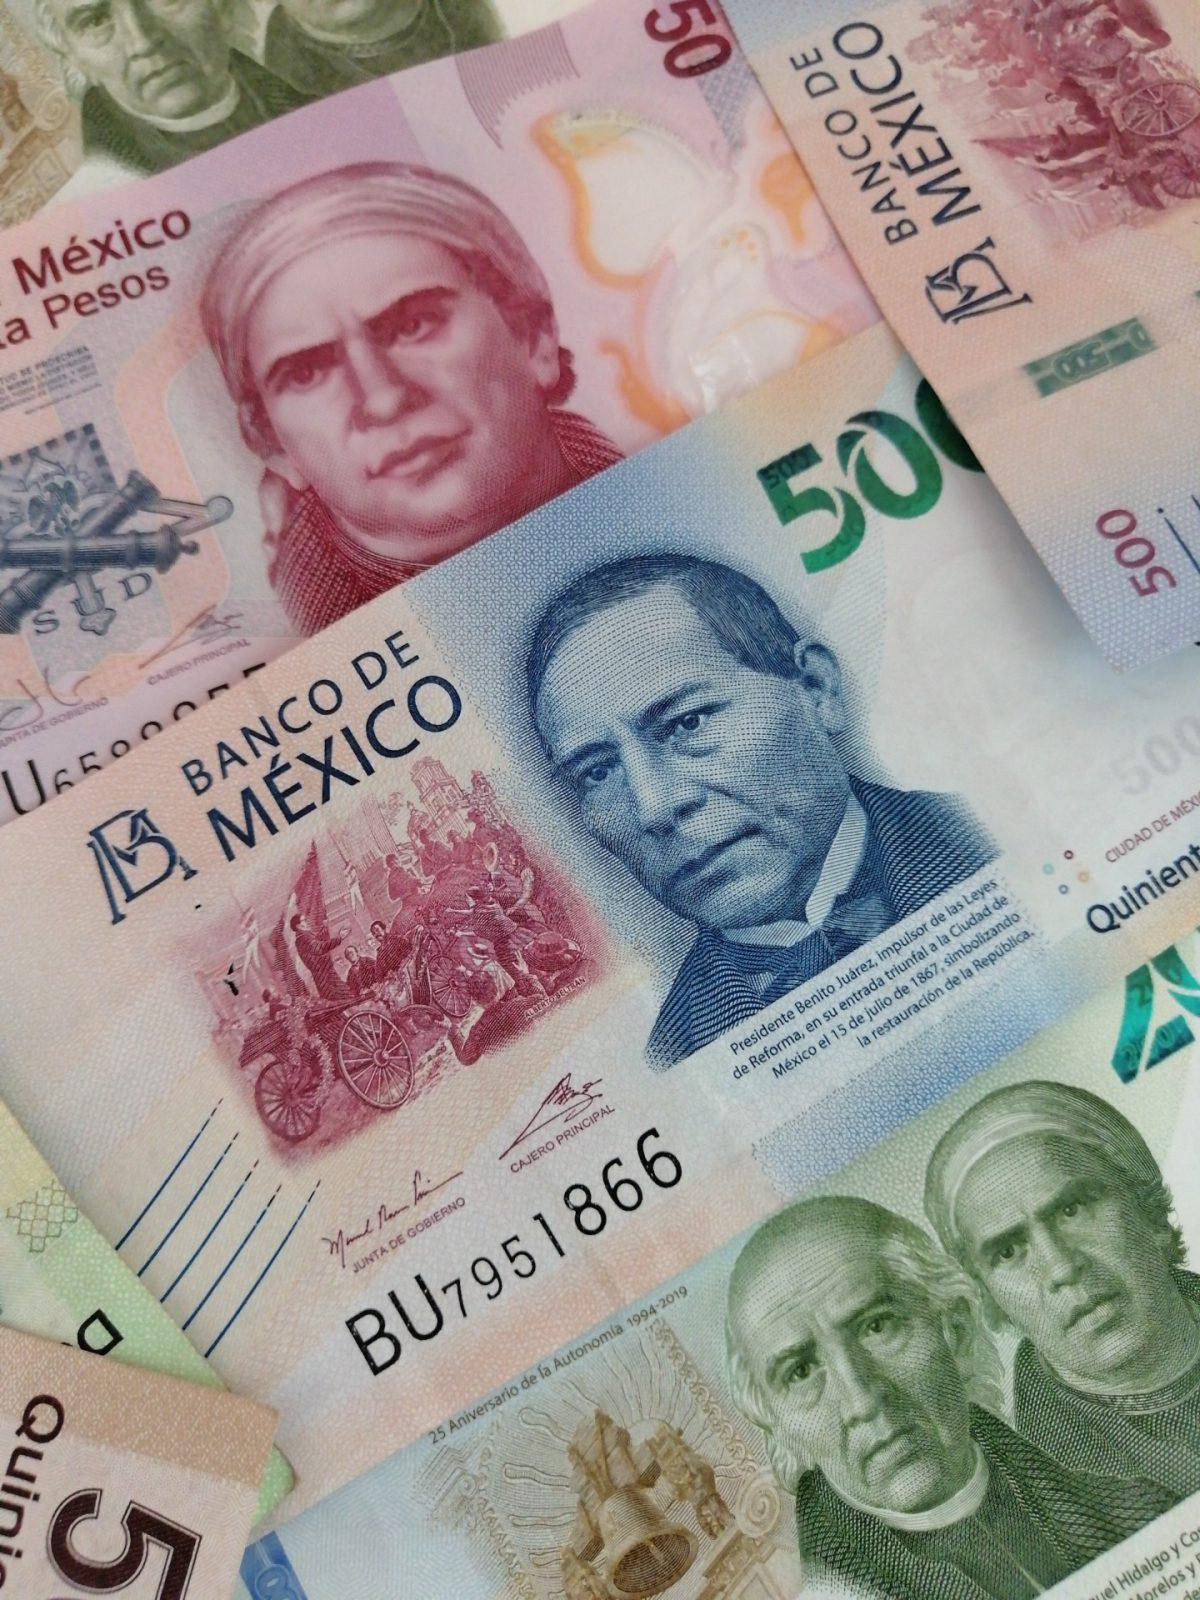 El precio del dólar hoy (Imagen: Unsplash)